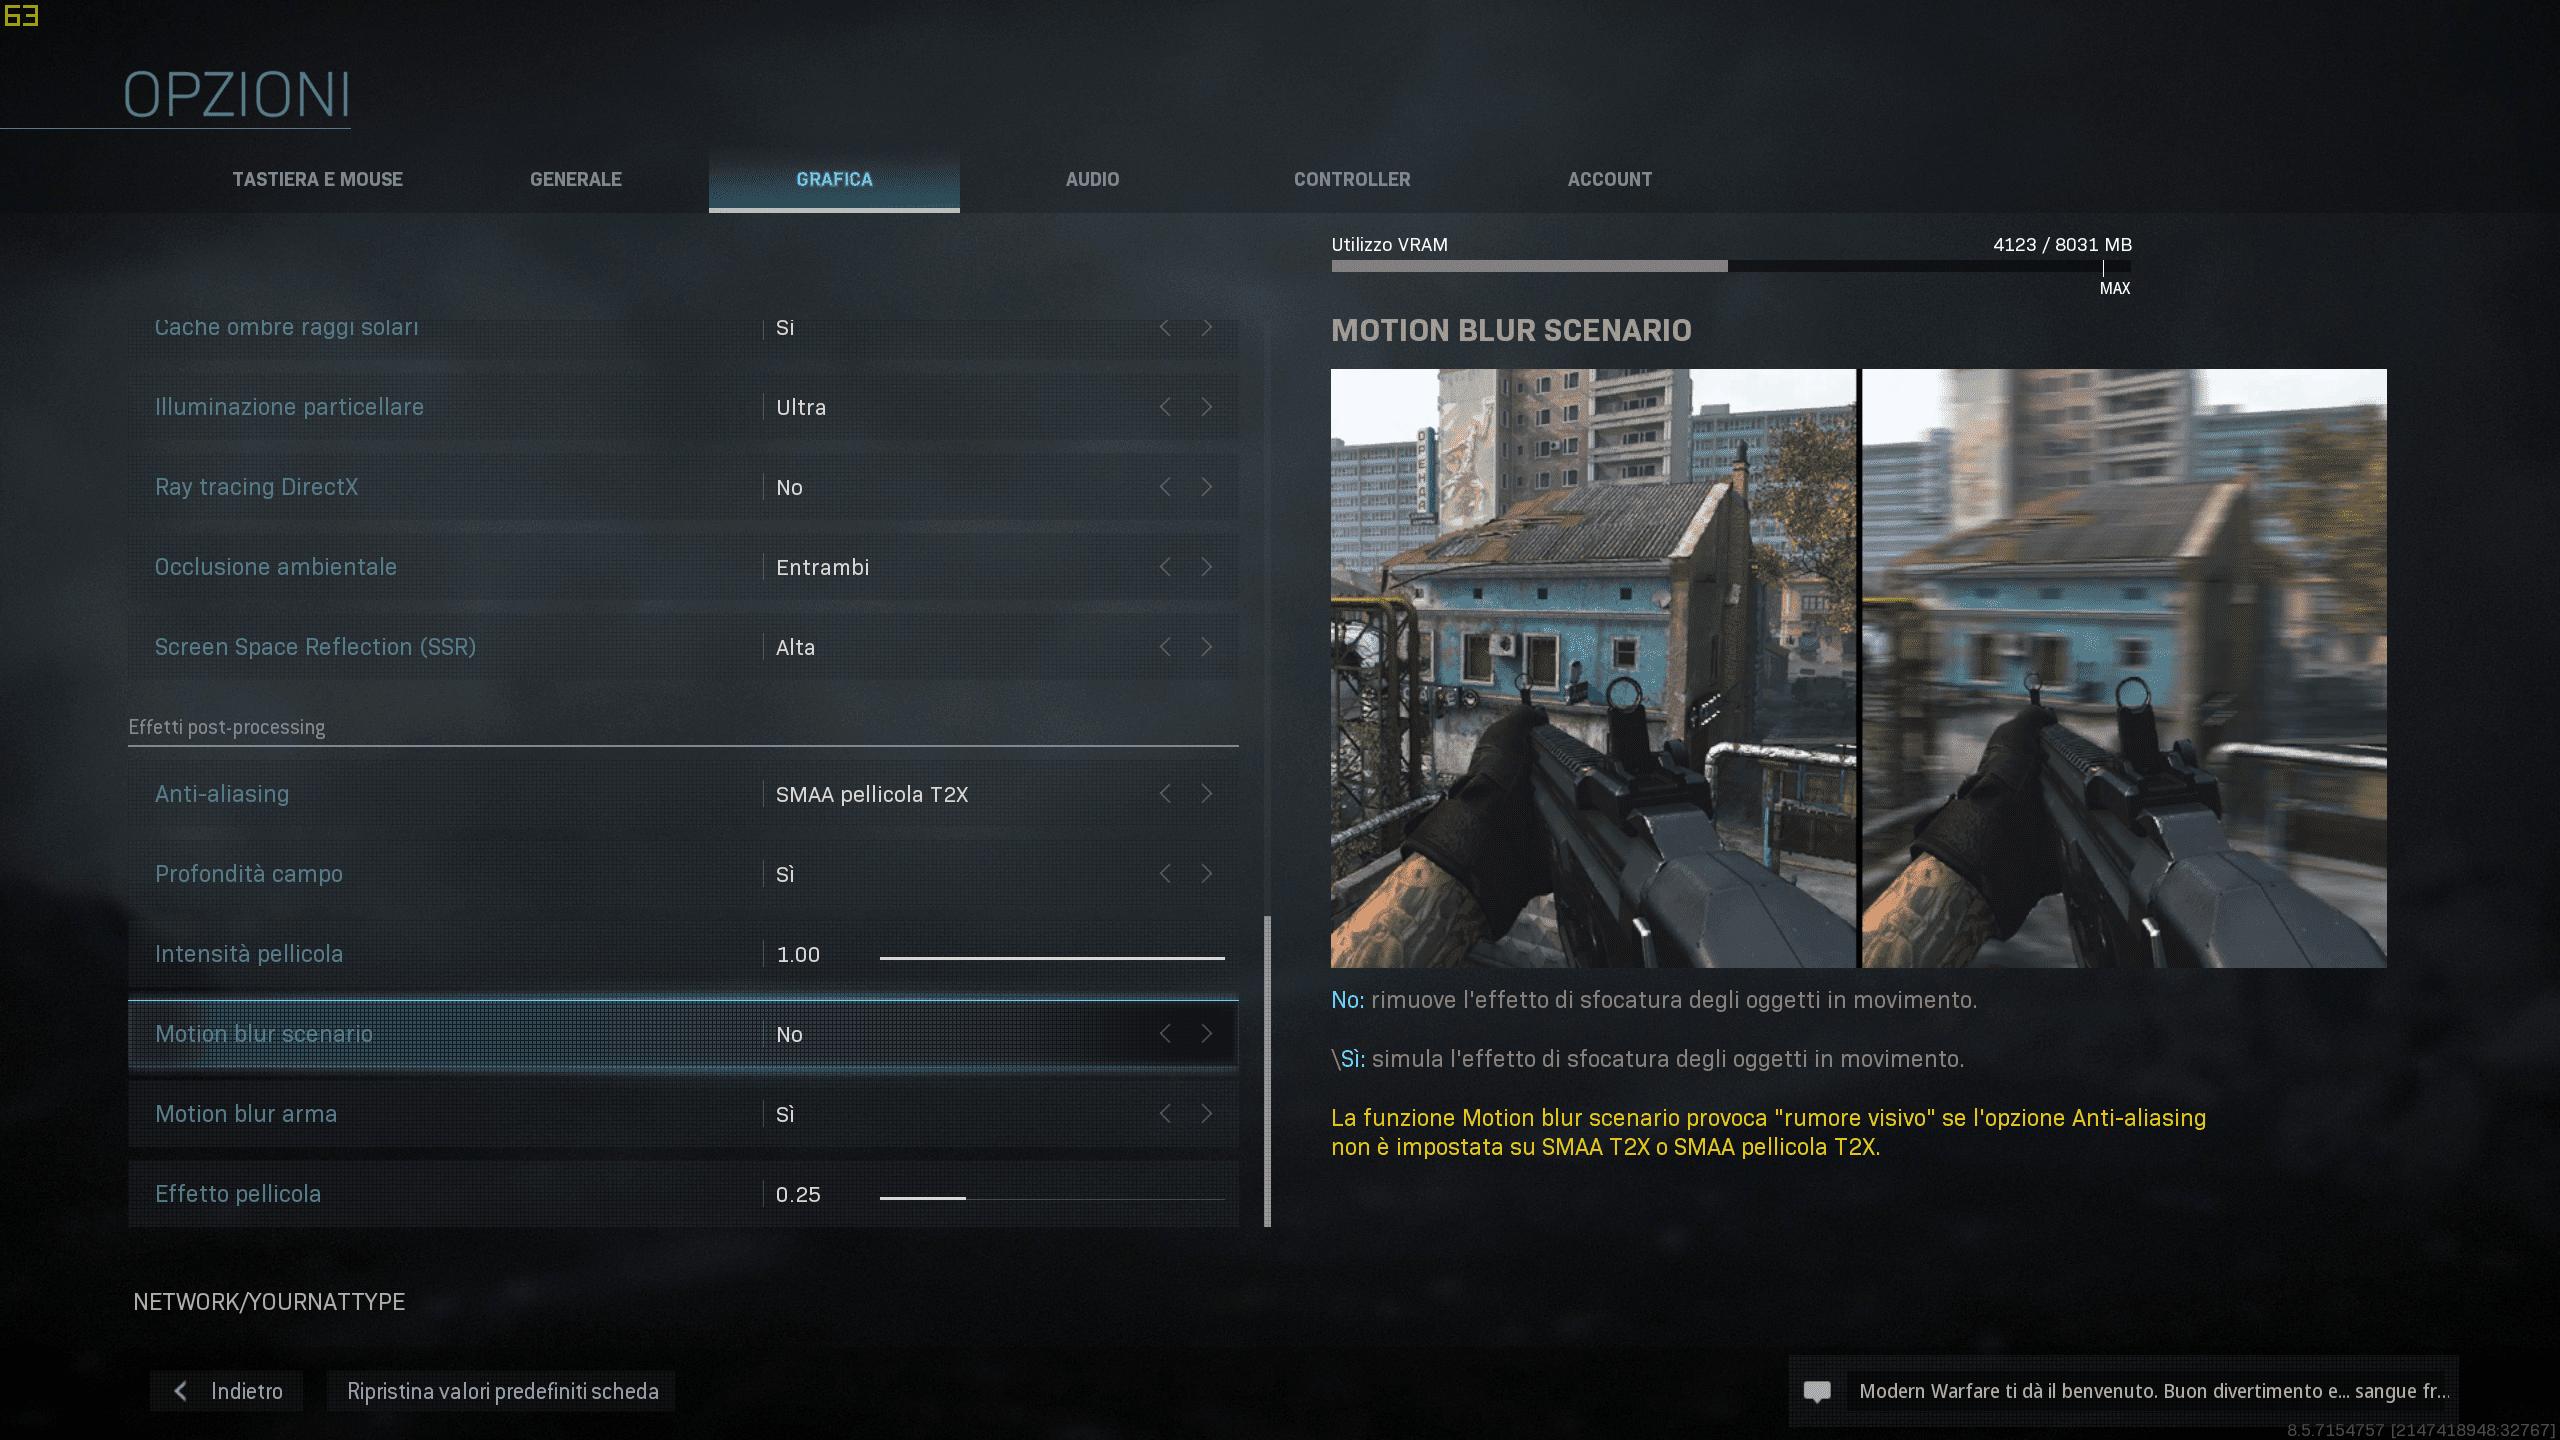 Call of Duty Modern Warfare info